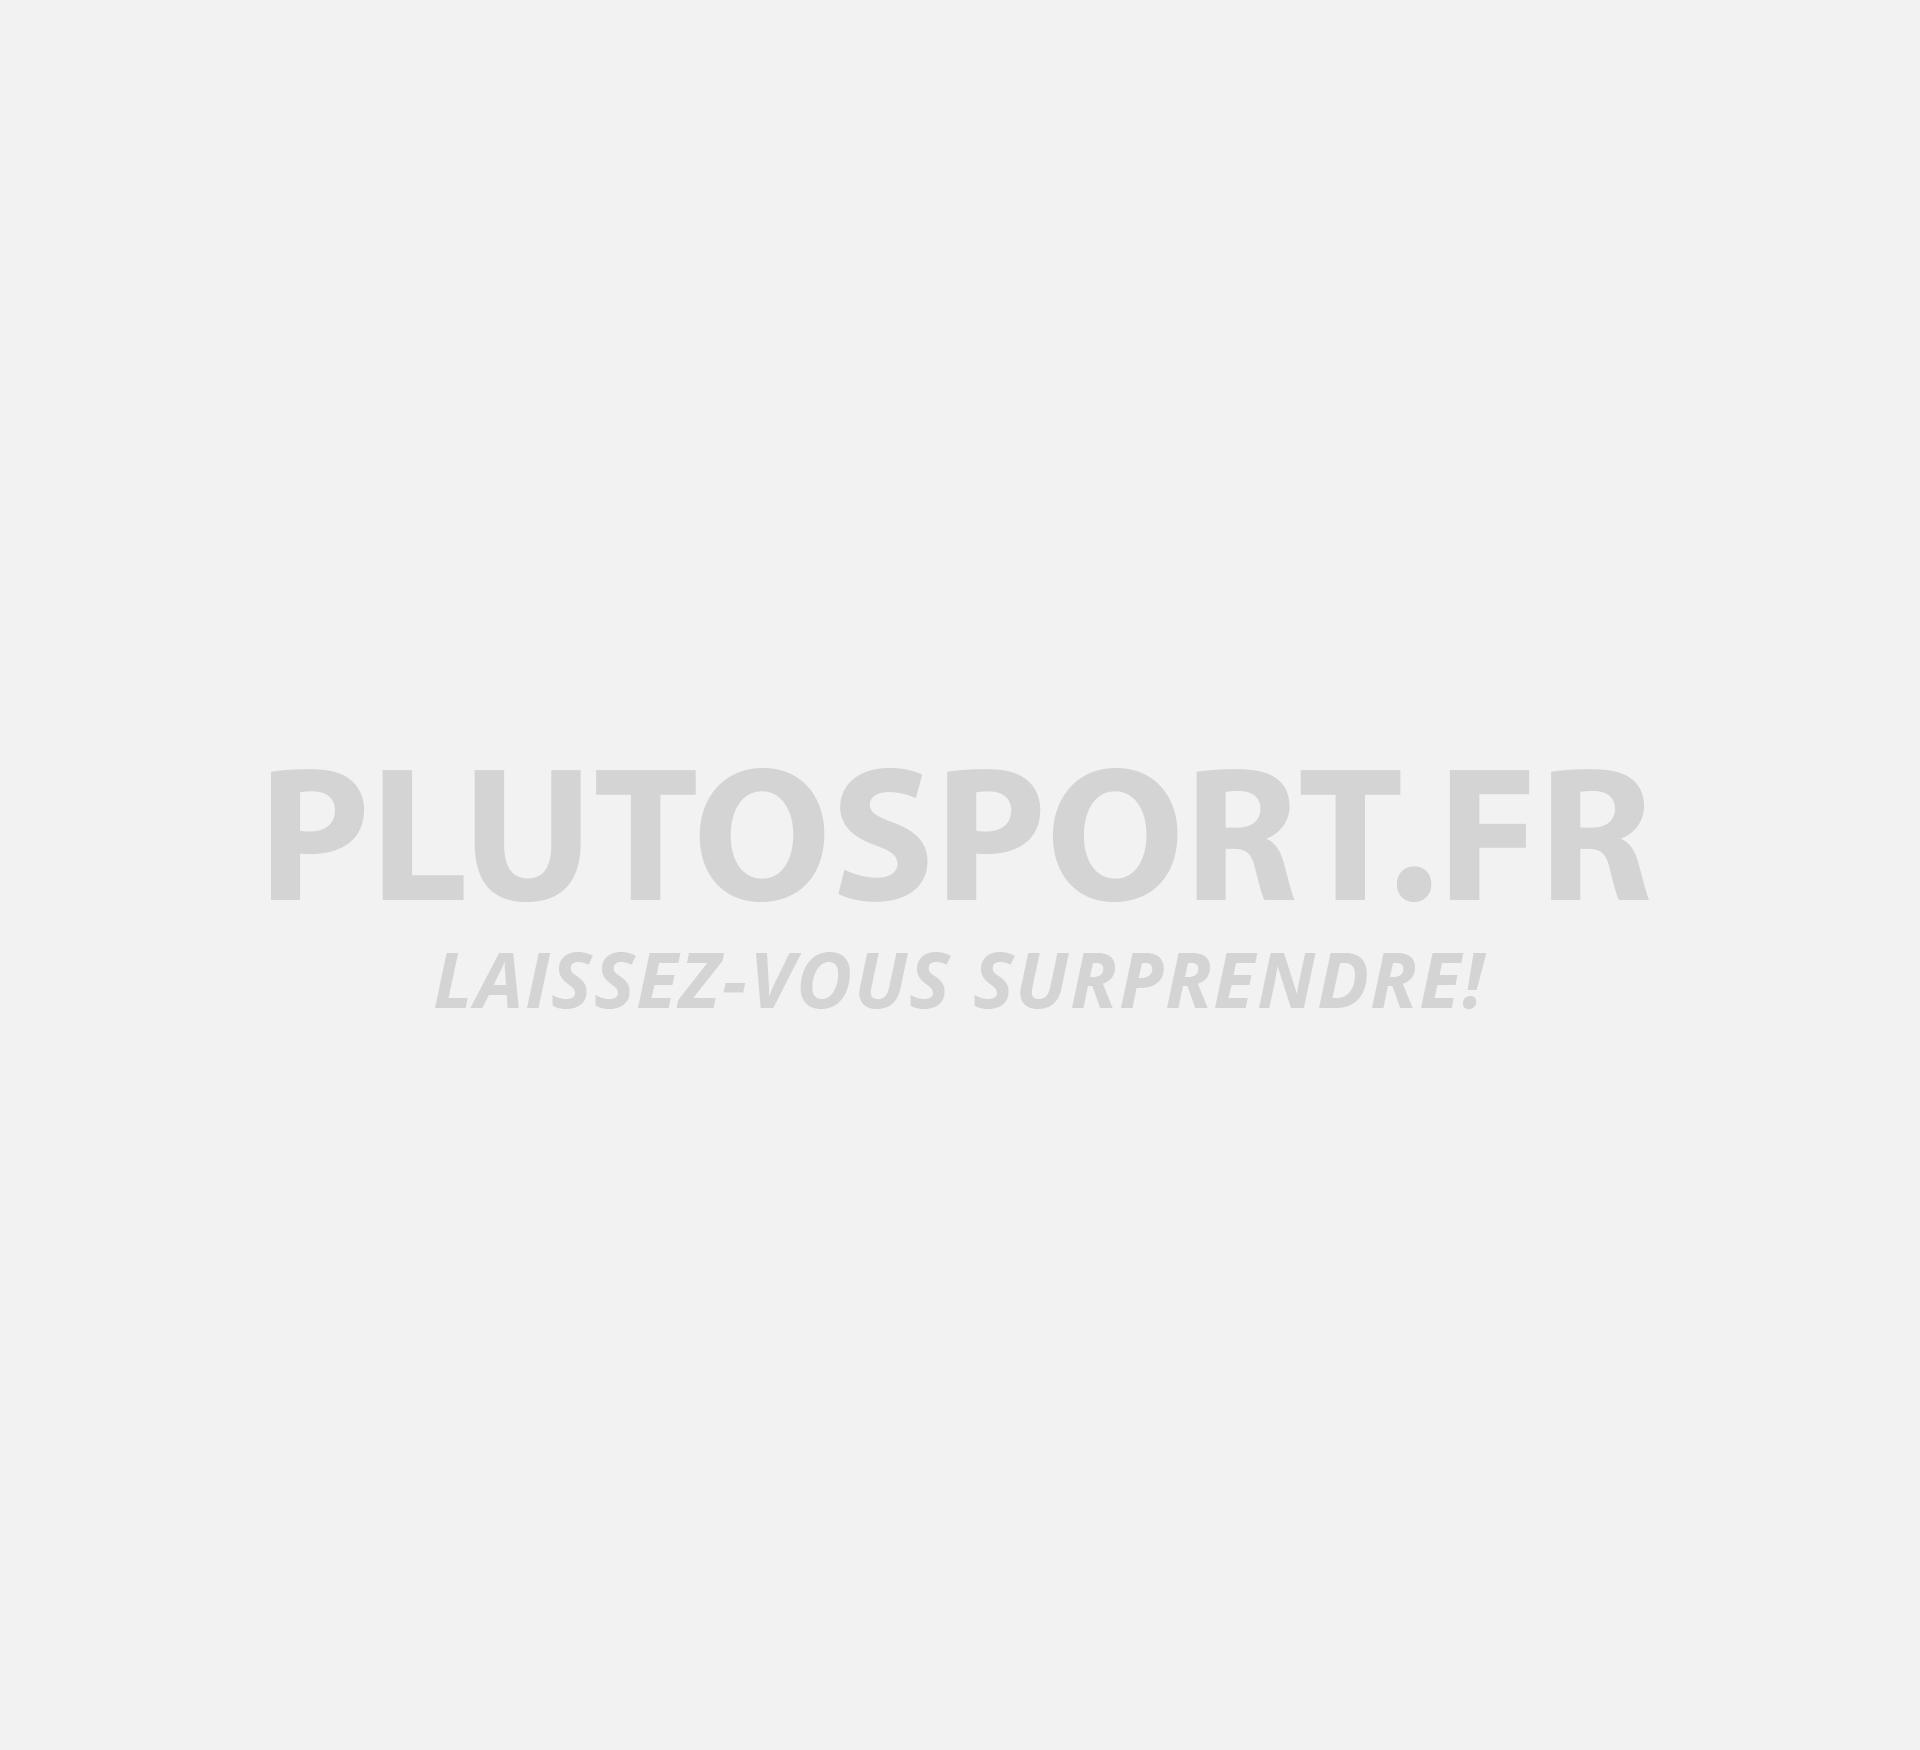 Le pull-over à capuche pour enfants Vans Classic Pullover Jr